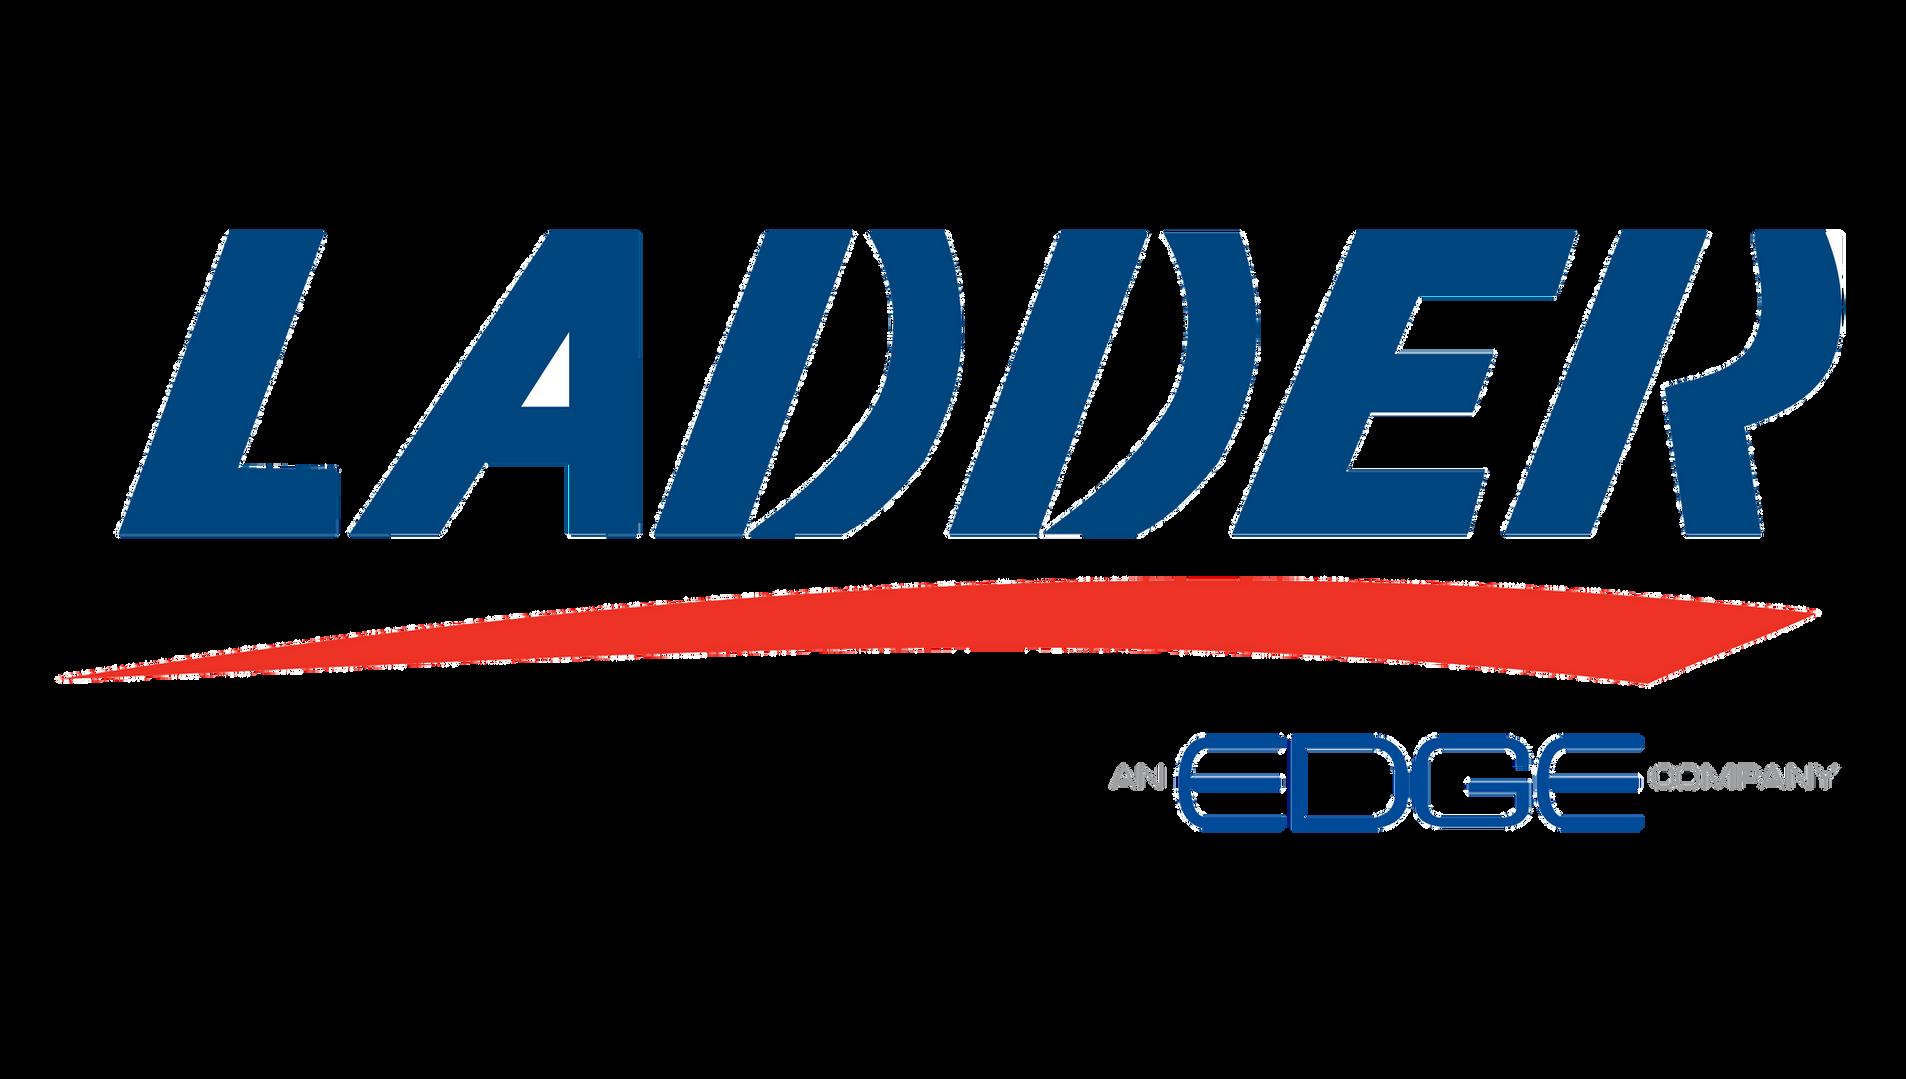 novo_logo_ladder_final.png